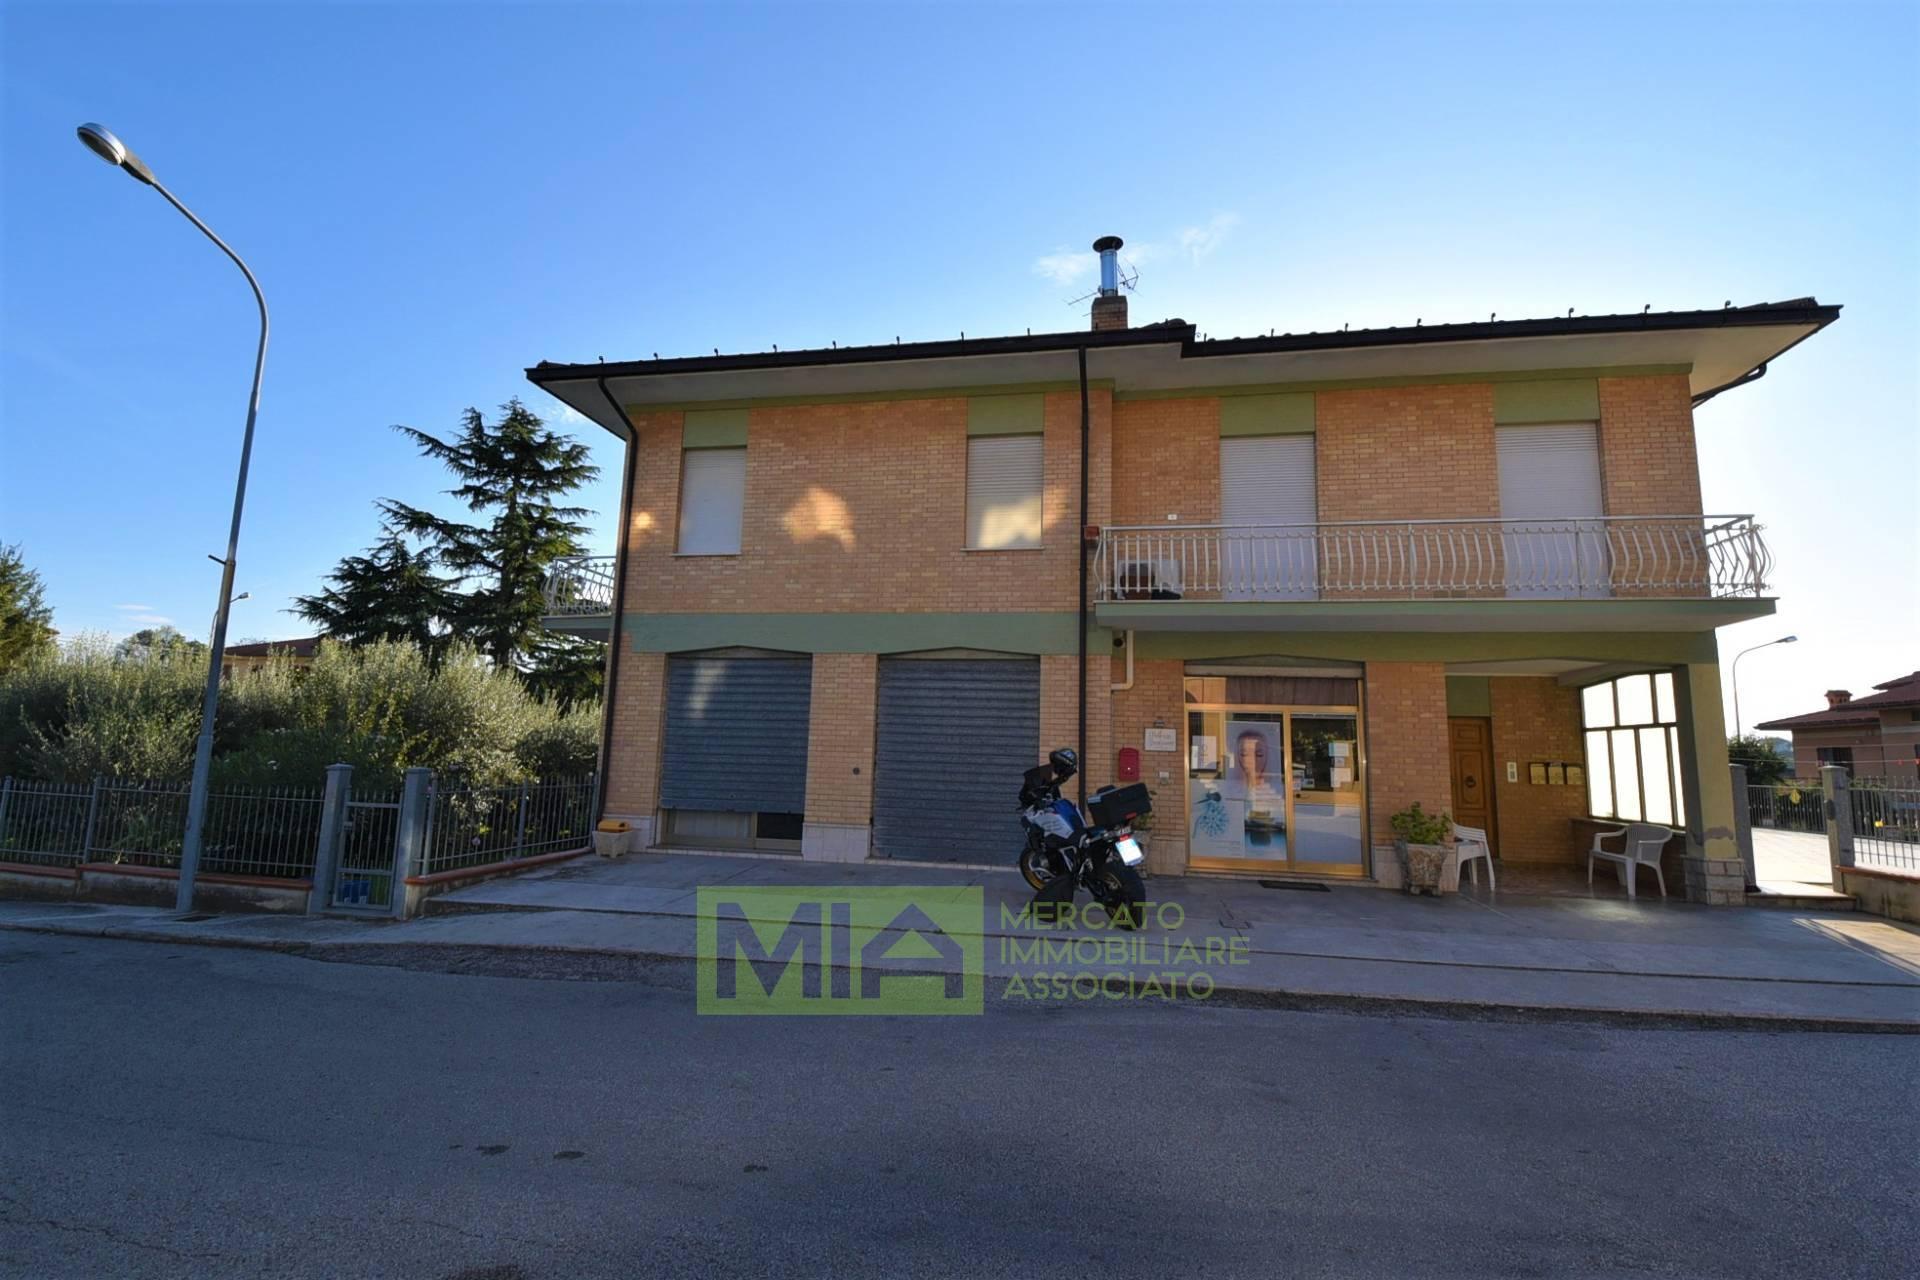 Appartamento in vendita a Servigliano, 8 locali, zona Località: Periferia, prezzo € 168.000 | PortaleAgenzieImmobiliari.it